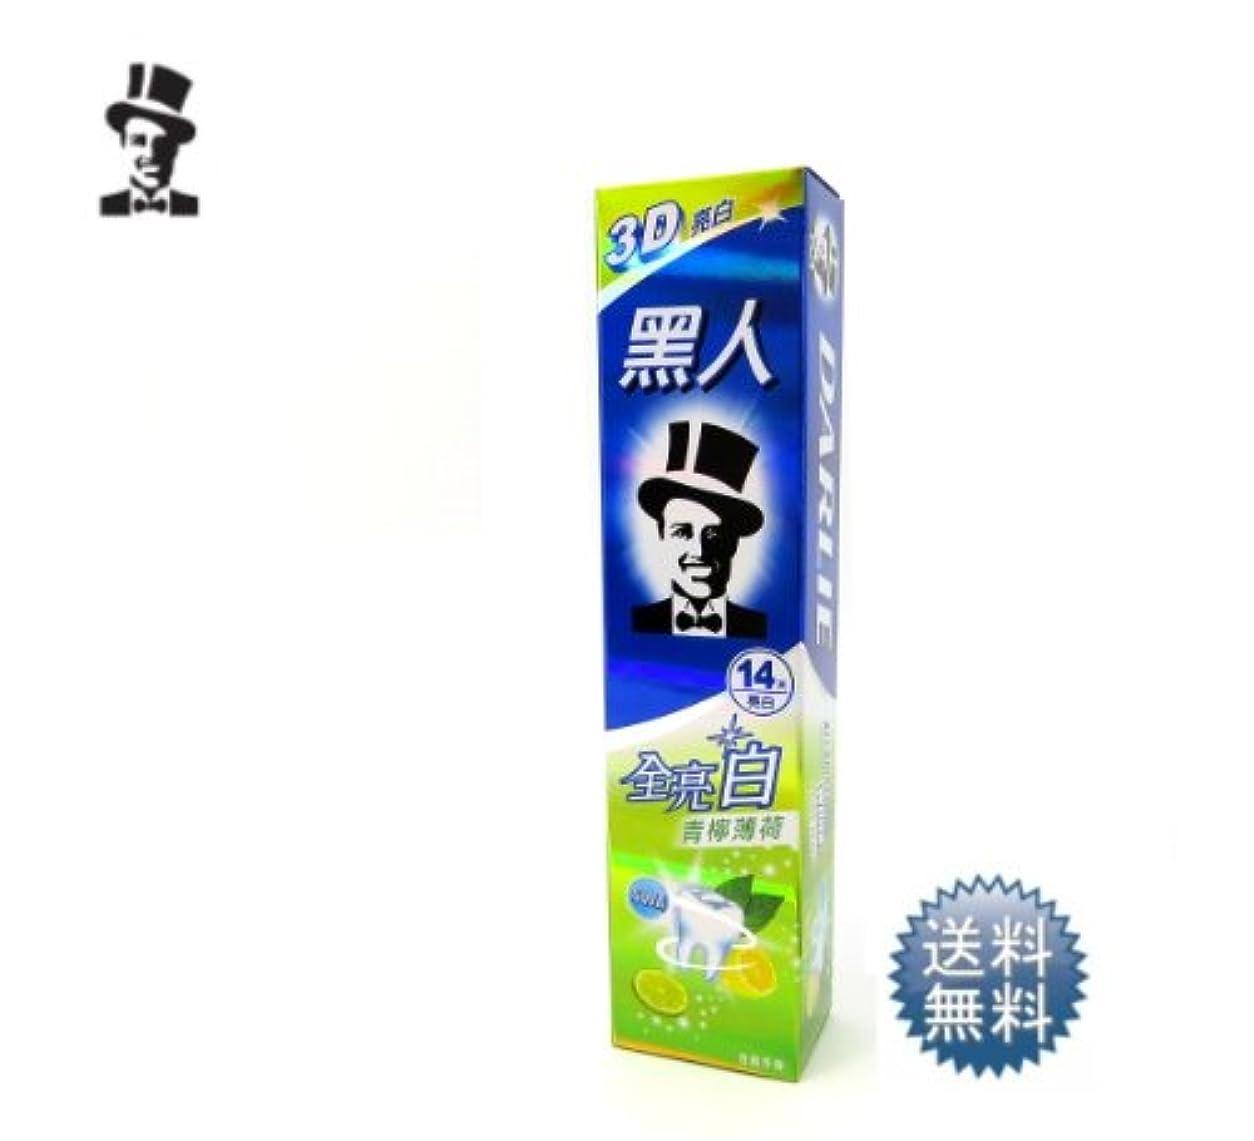 運賃デモンストレーション中国台湾 黒人 歯磨き 全亮白 青檸薄荷 140g